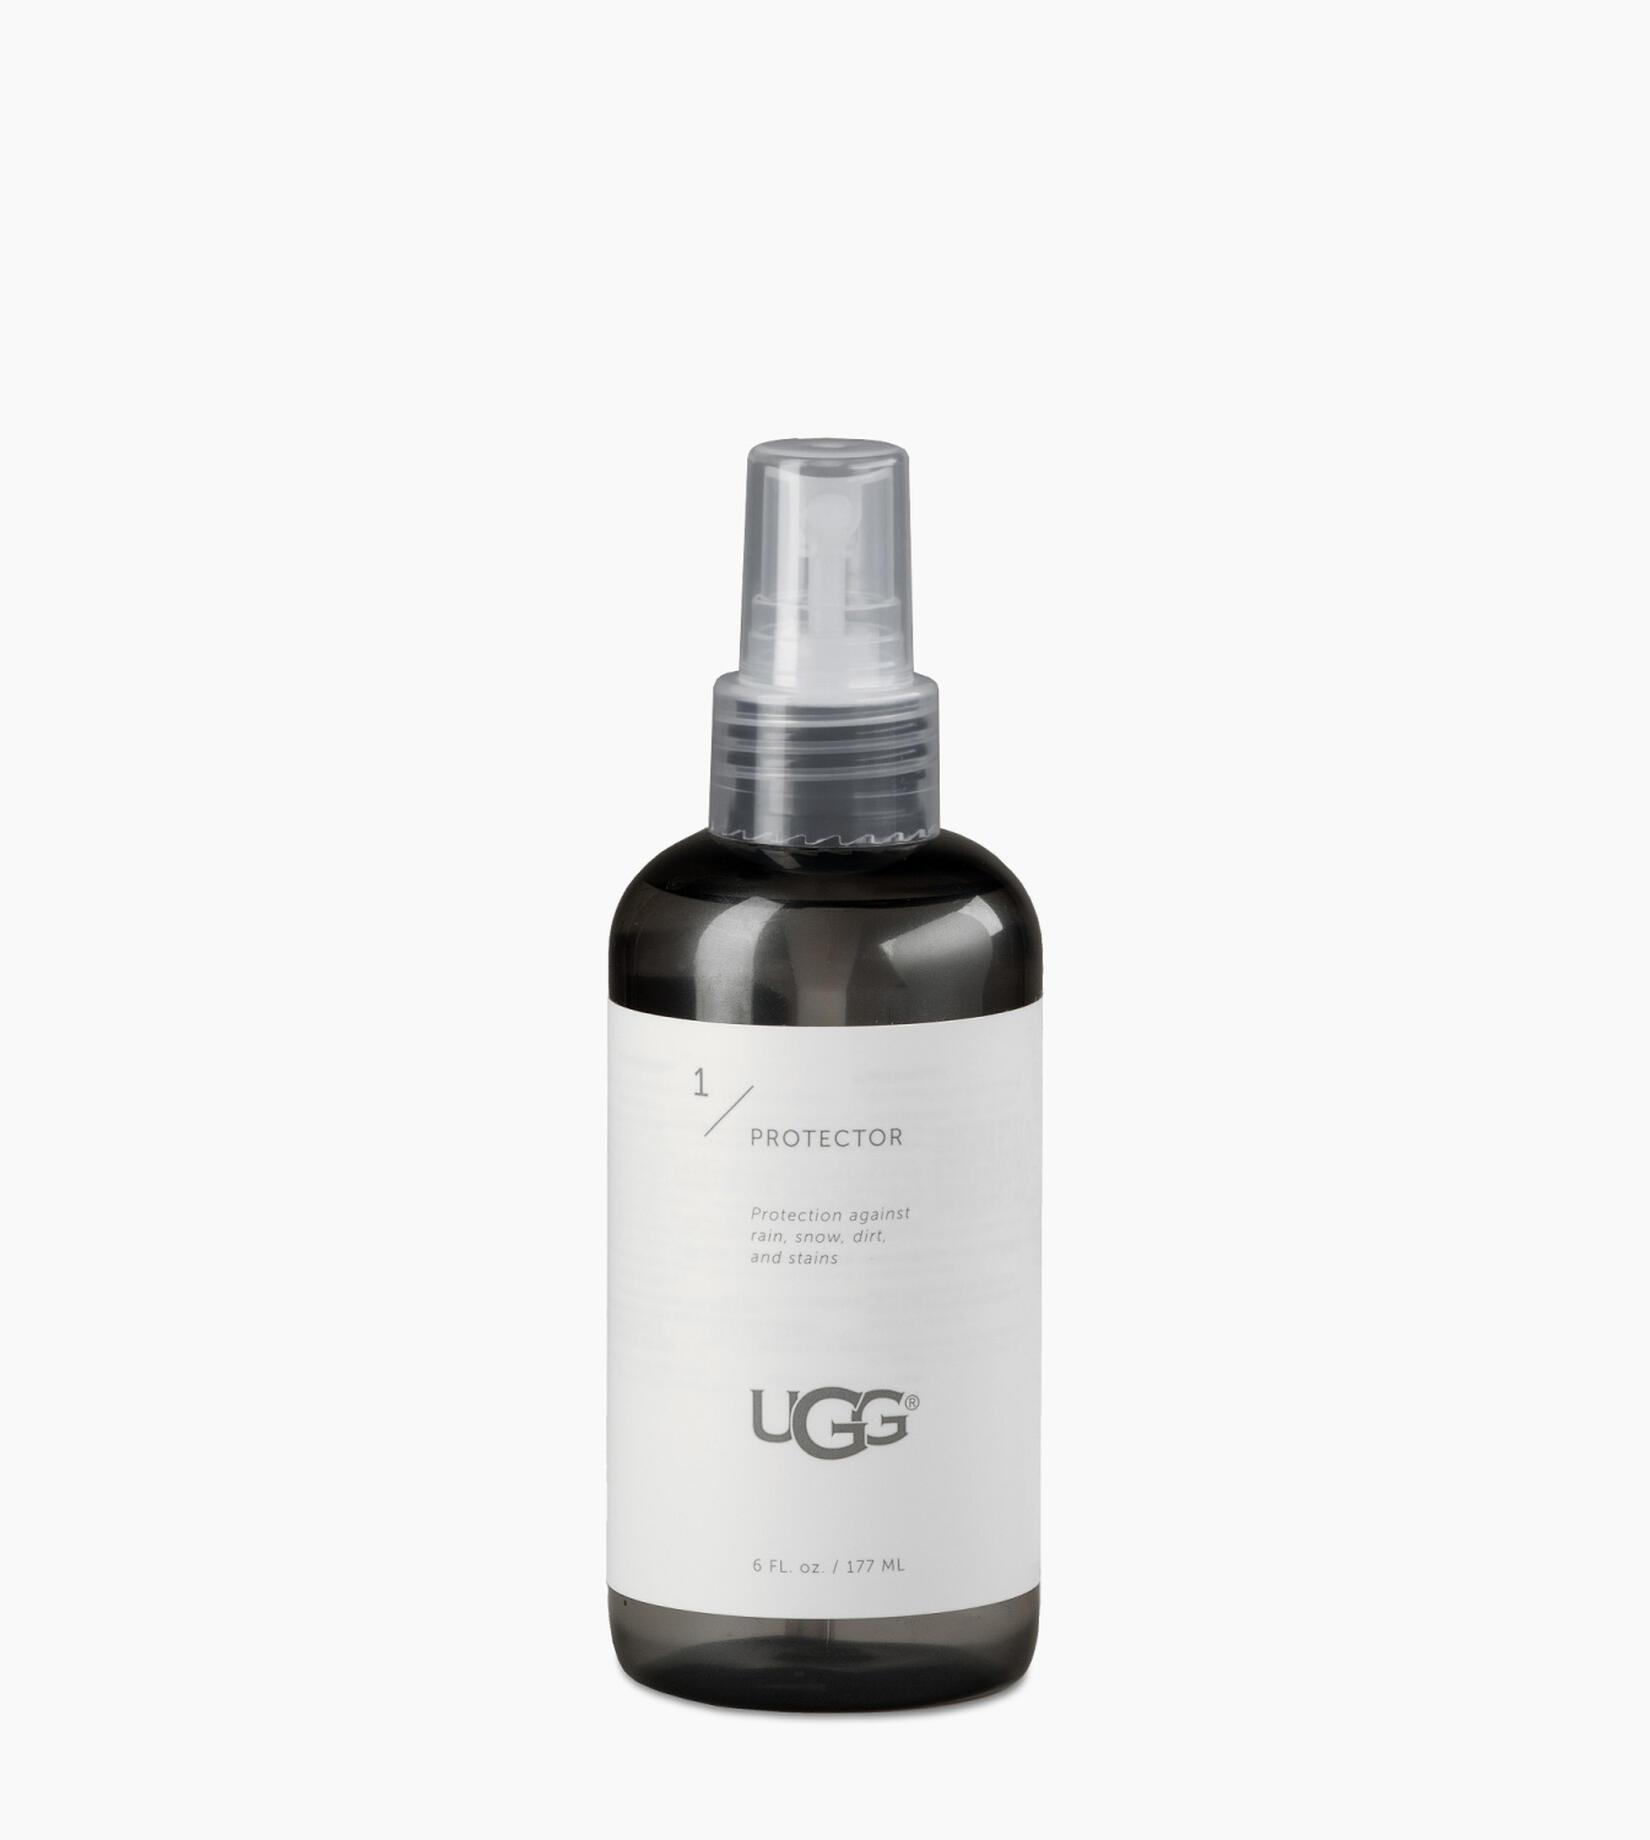 UGG Protector